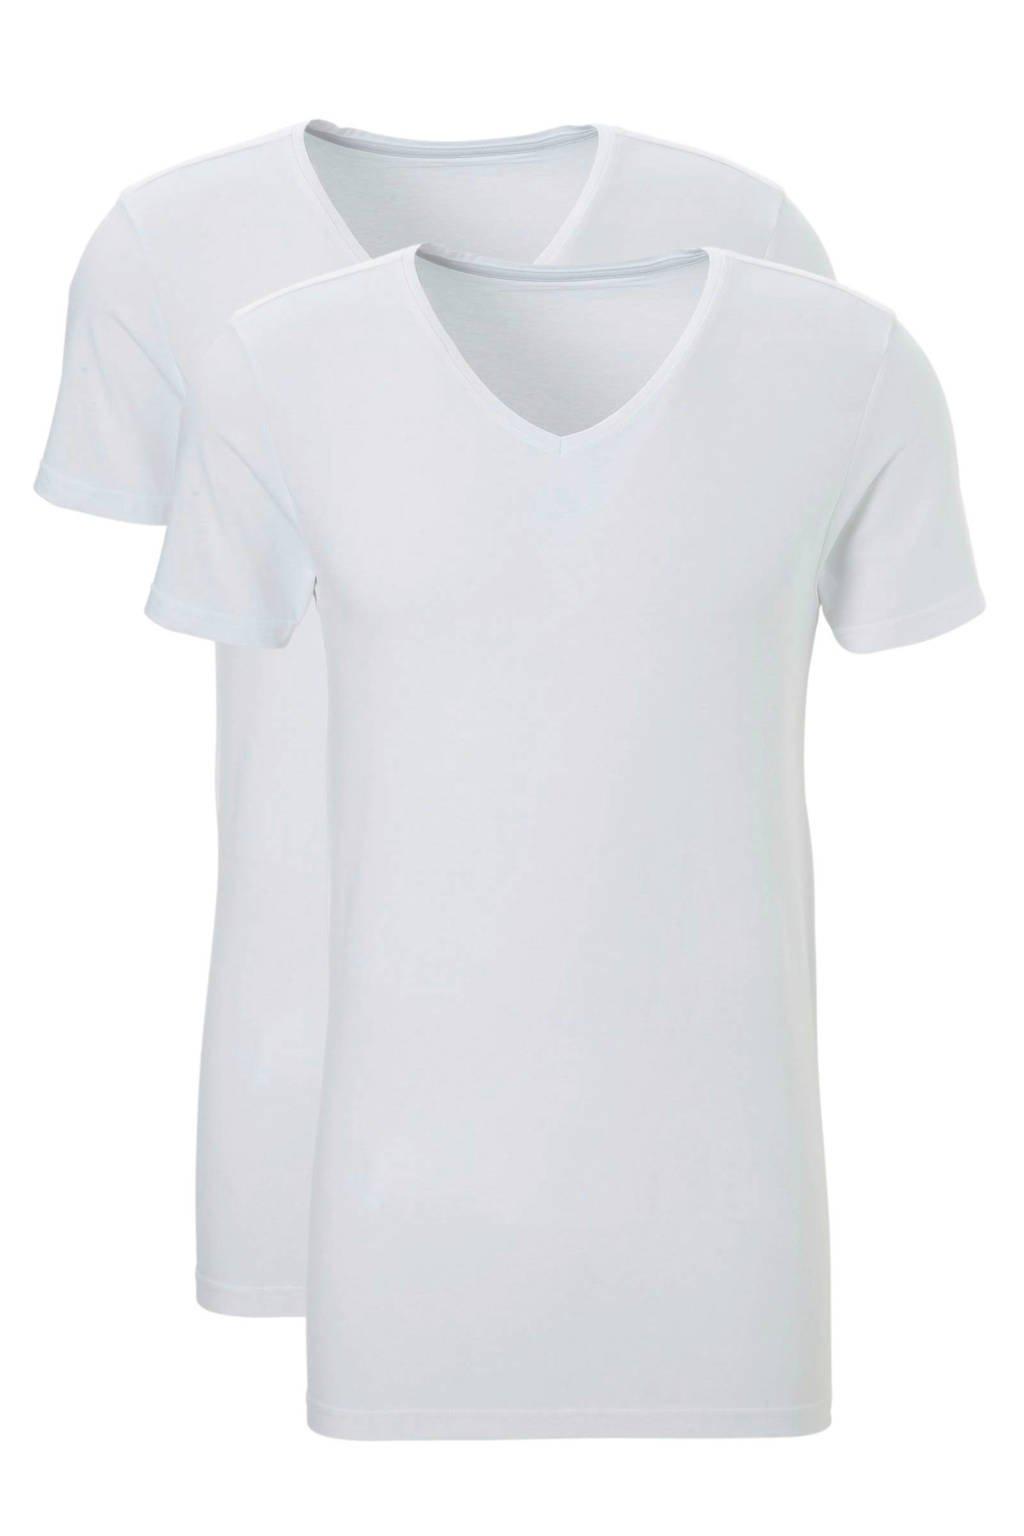 ten Cate extra lang slimfit T-shirt (set van 2) wit, Wit